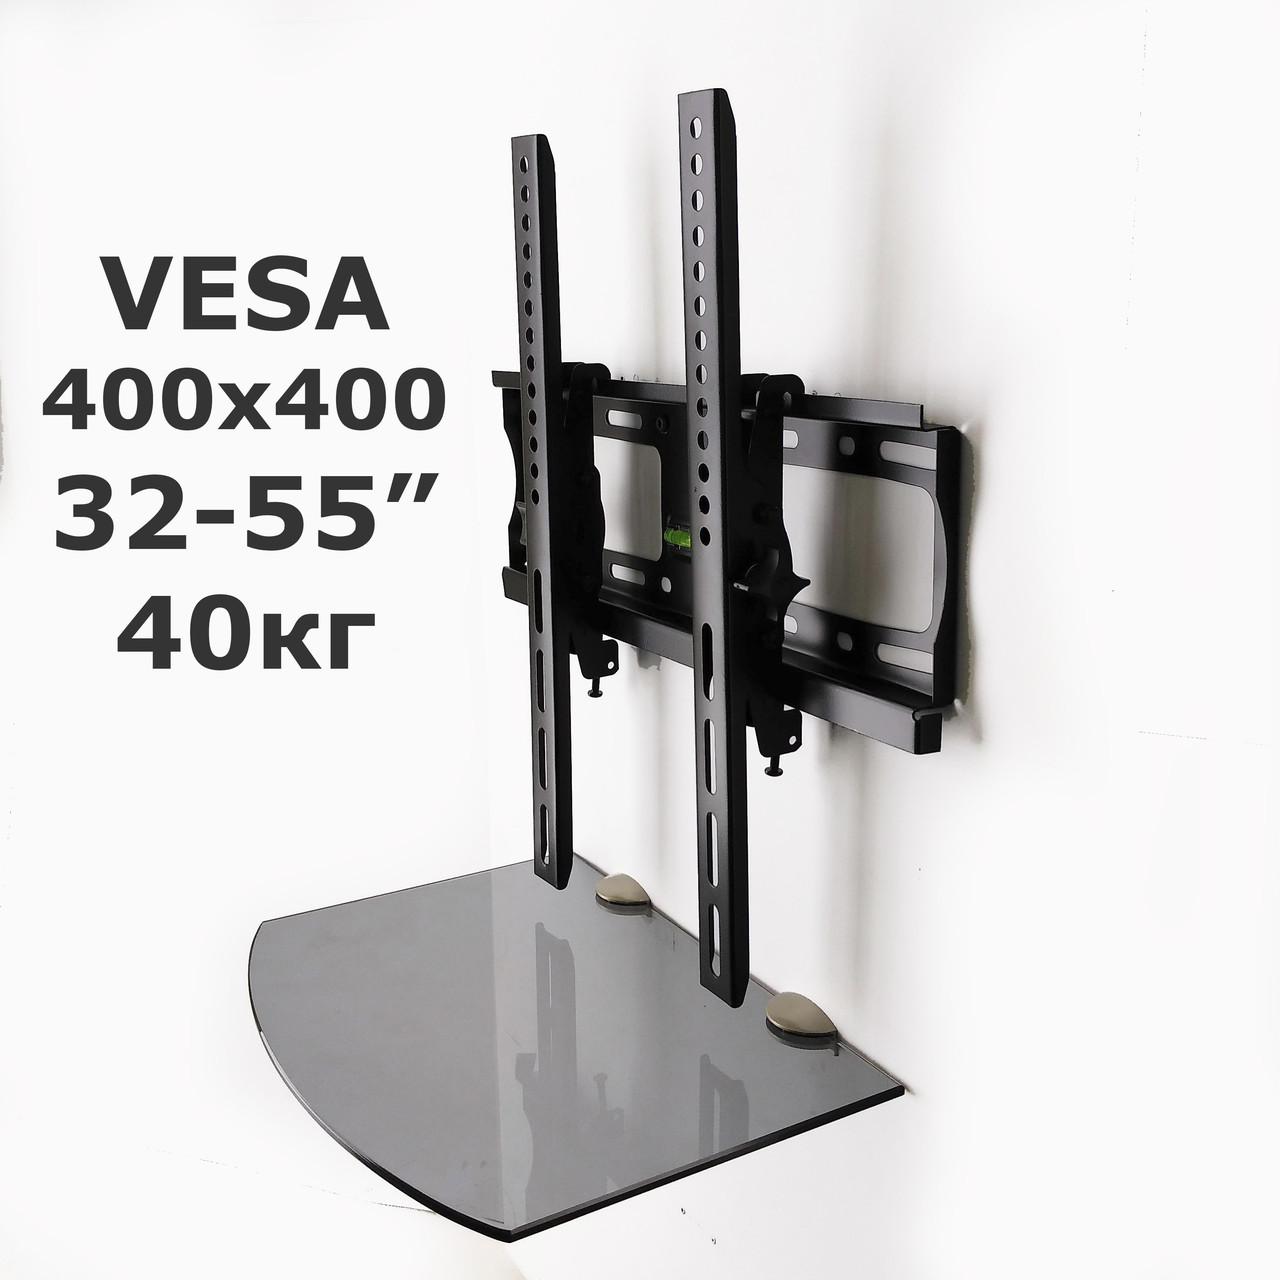 Комплект для TV и тюнера - кронштейн 905ST и полка Gray (серый) 240*350*6